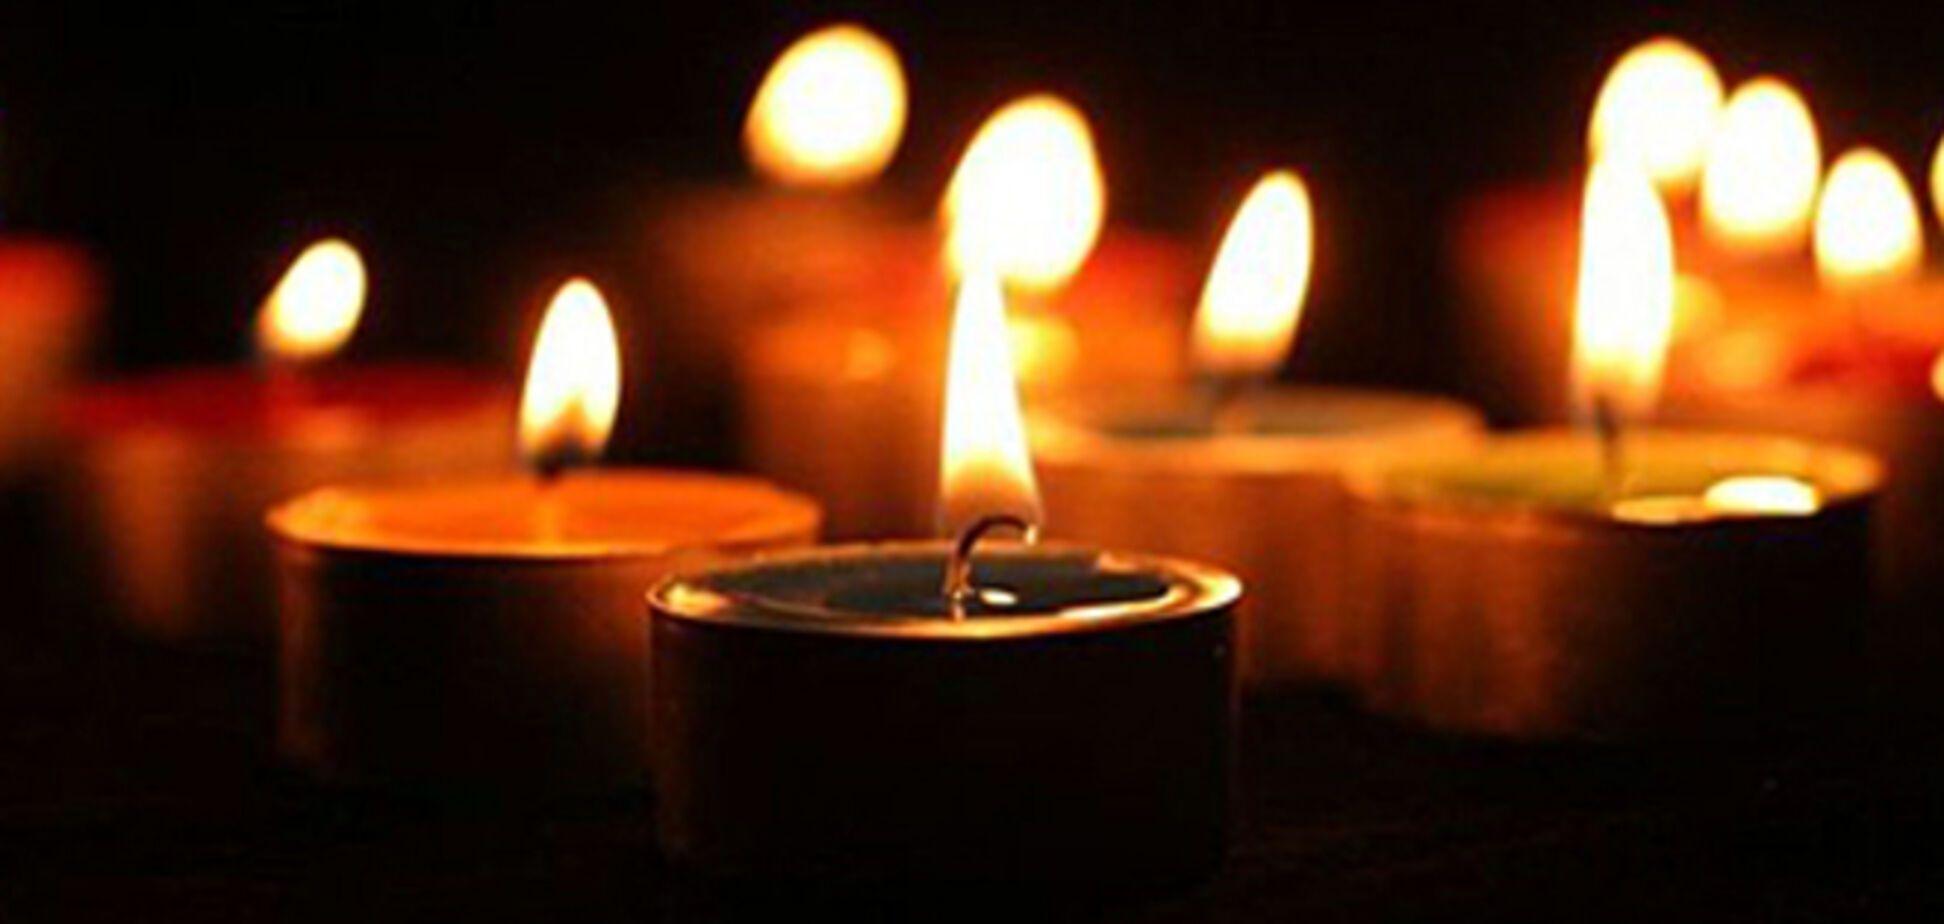 15 и 16 июня в Днепропетровской и Луганской областях обьявили Днями траура